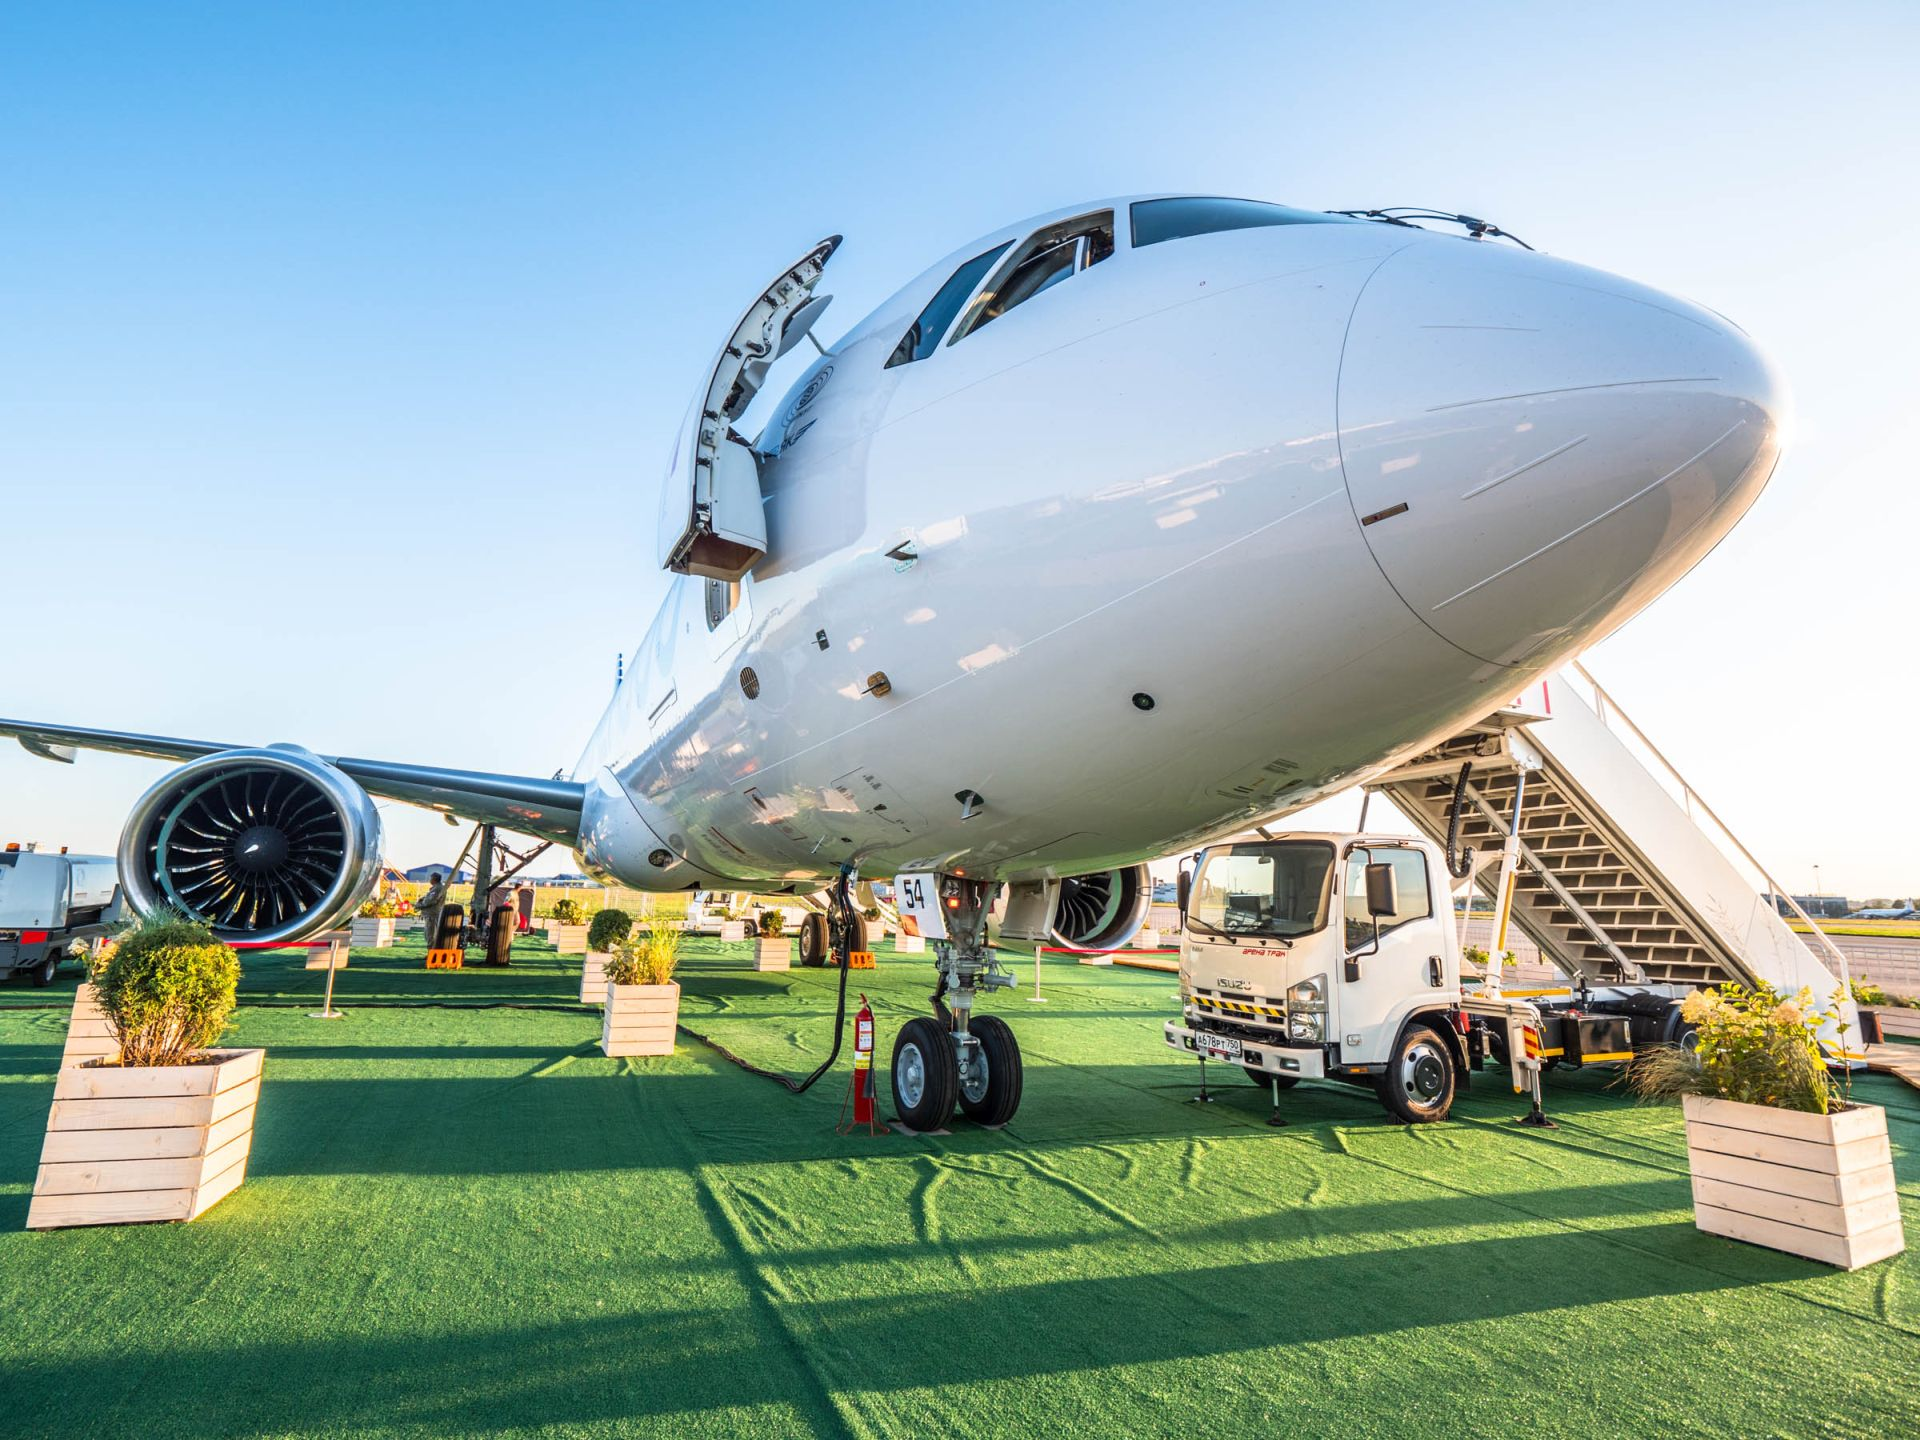 Premiéra letadla MC-21-300 pro veřejnost. Foto: Rosťa Kopecký / Flyrosta.com